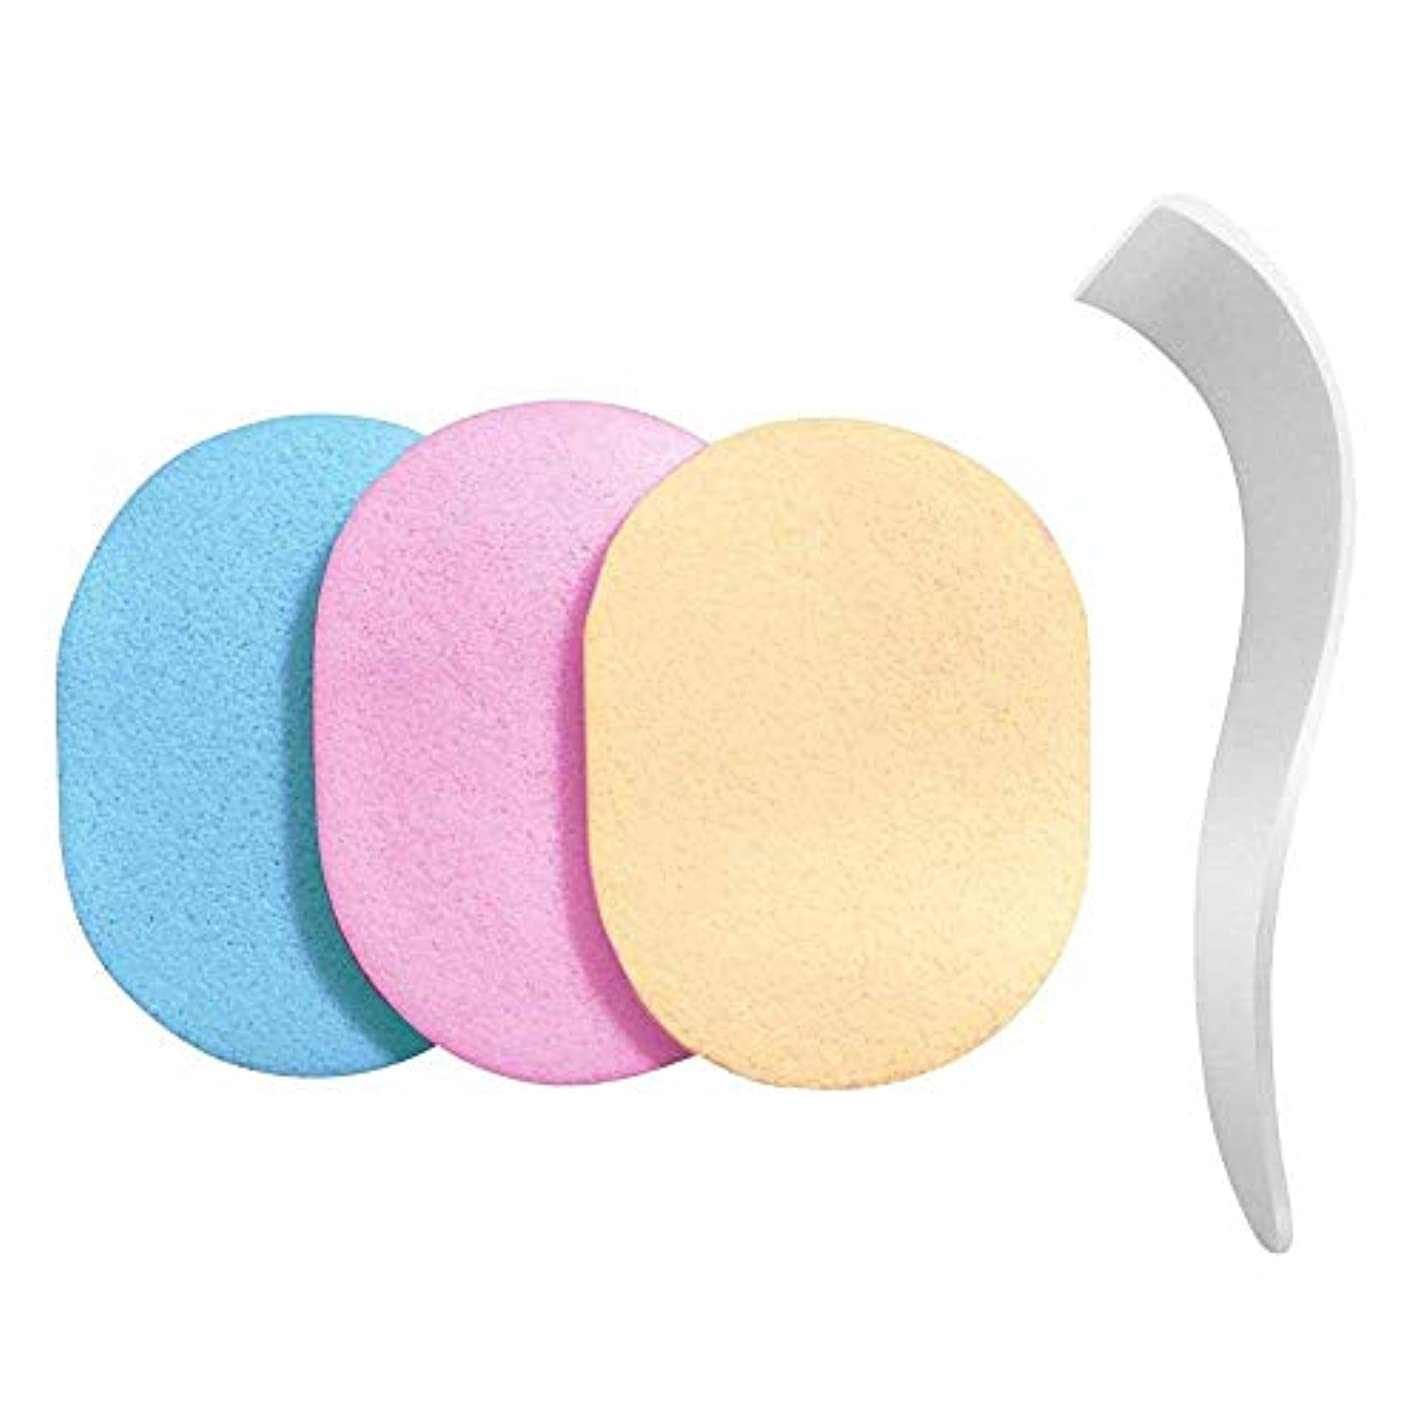 用心リーン夕食を食べるSimg 専用ヘラ スポンジ 洗って使える 3色セット 除毛クリーム専用 メンズ レディース【除毛用】